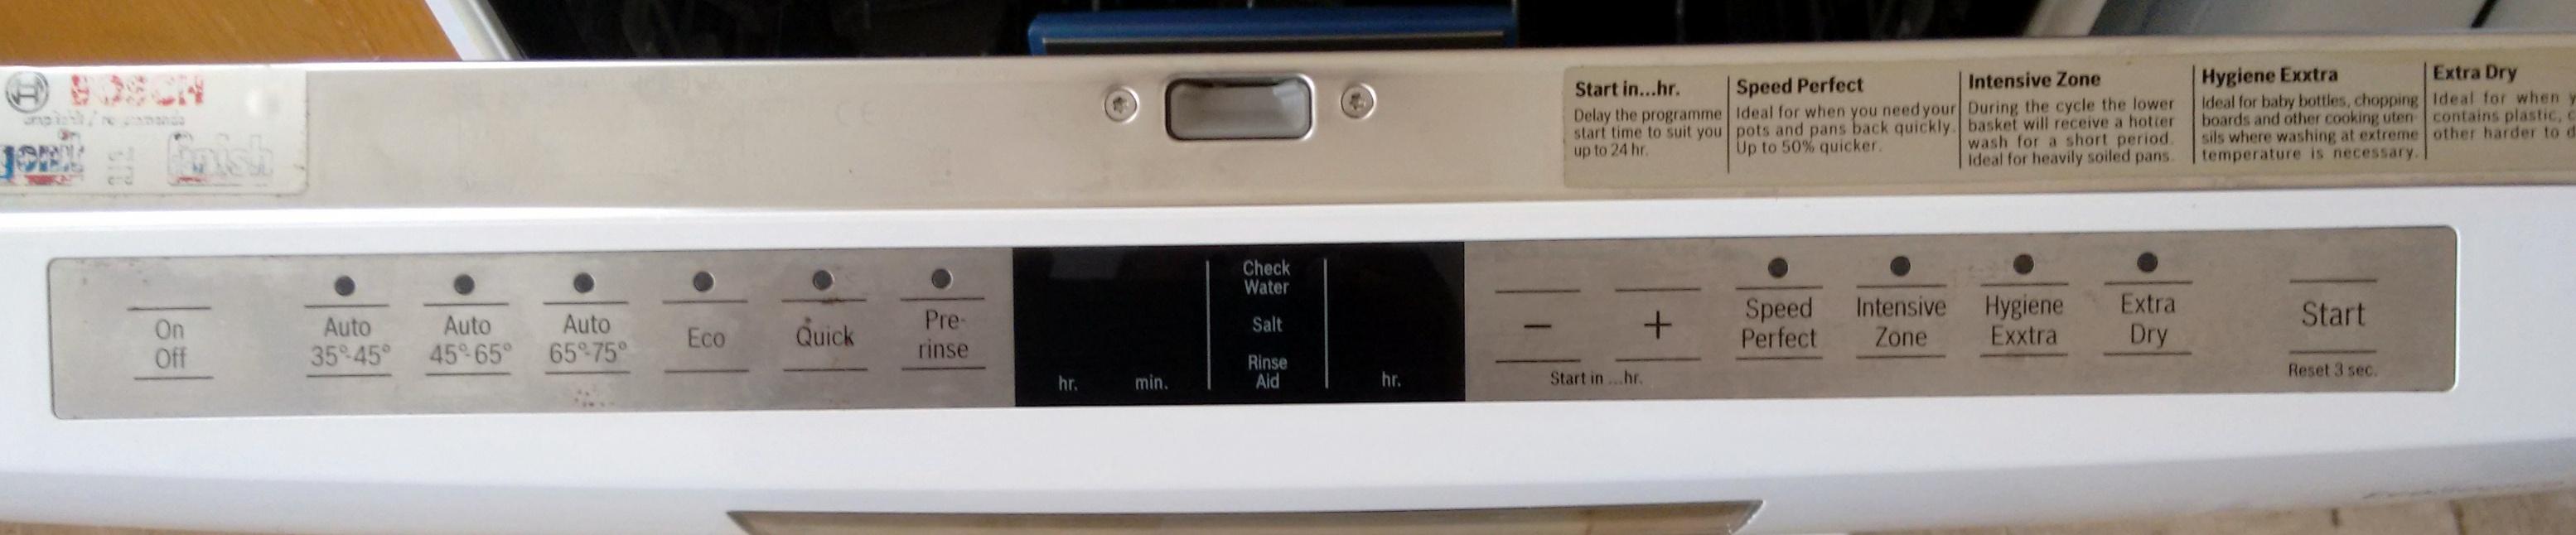 program panel.jpg